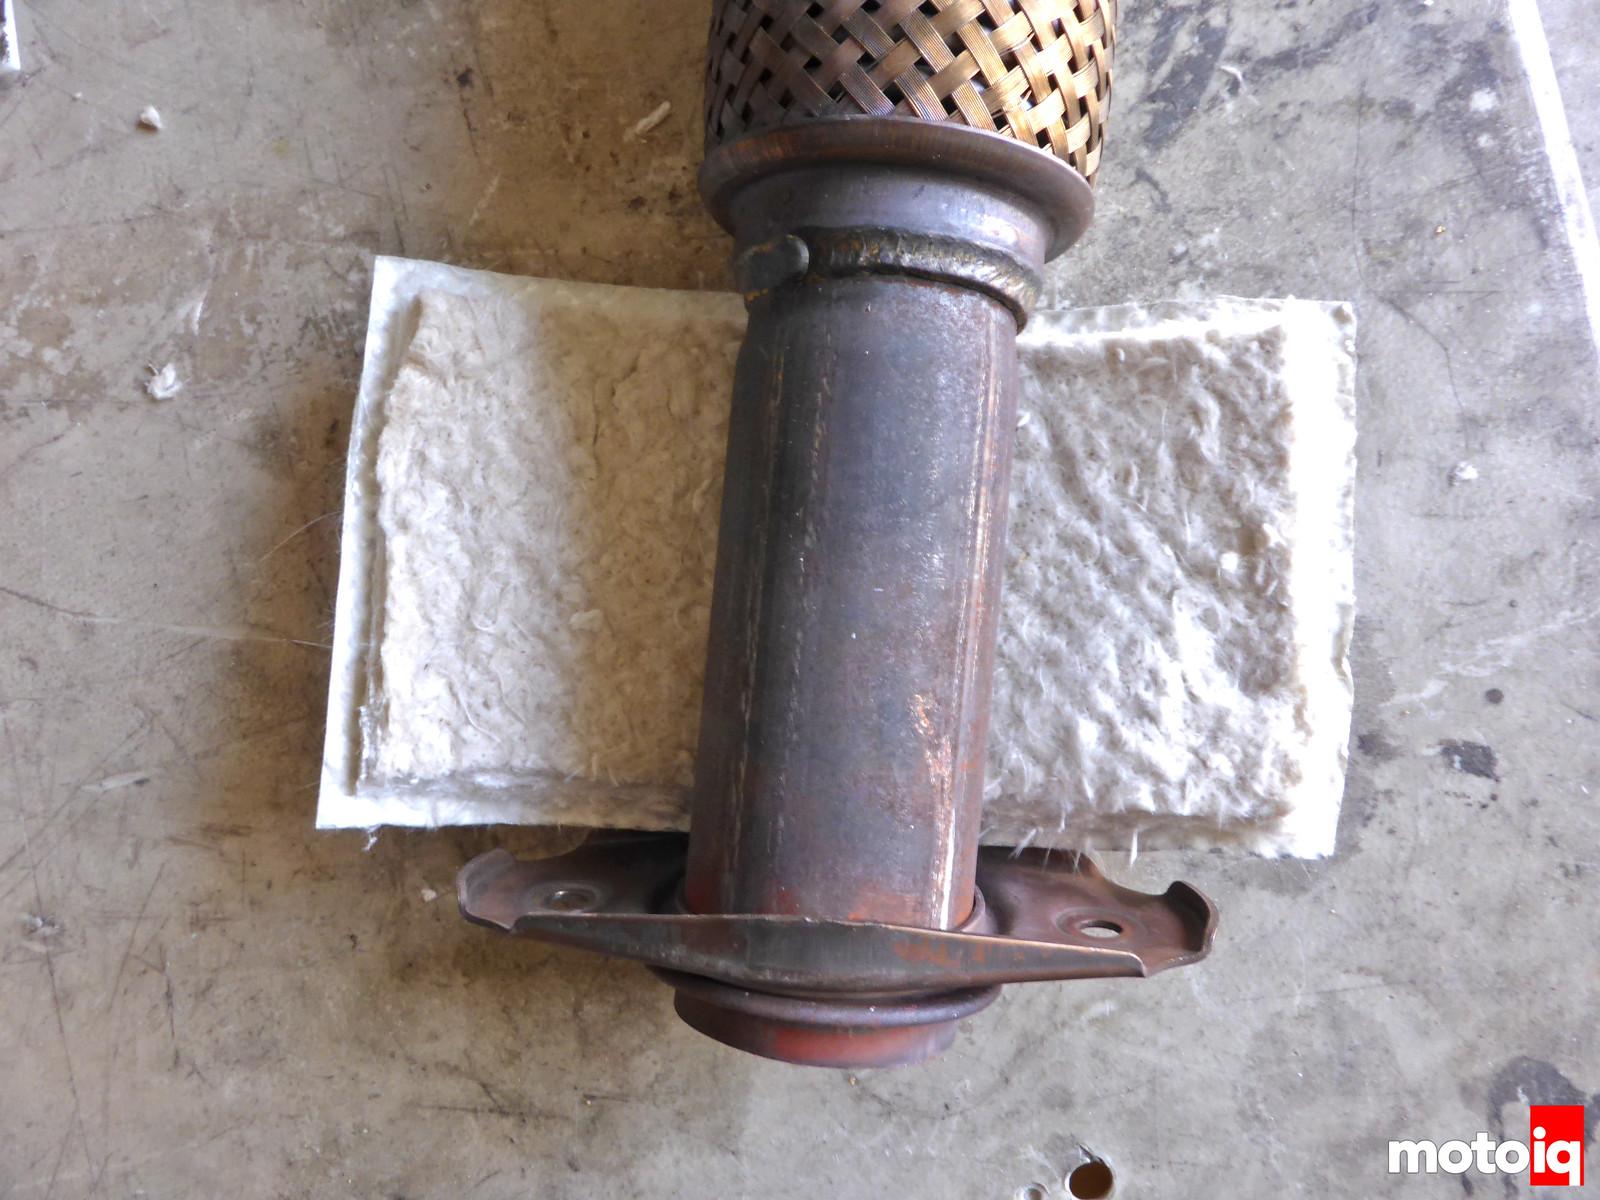 HeatShield Products HeatShield Armor Viper exhaust